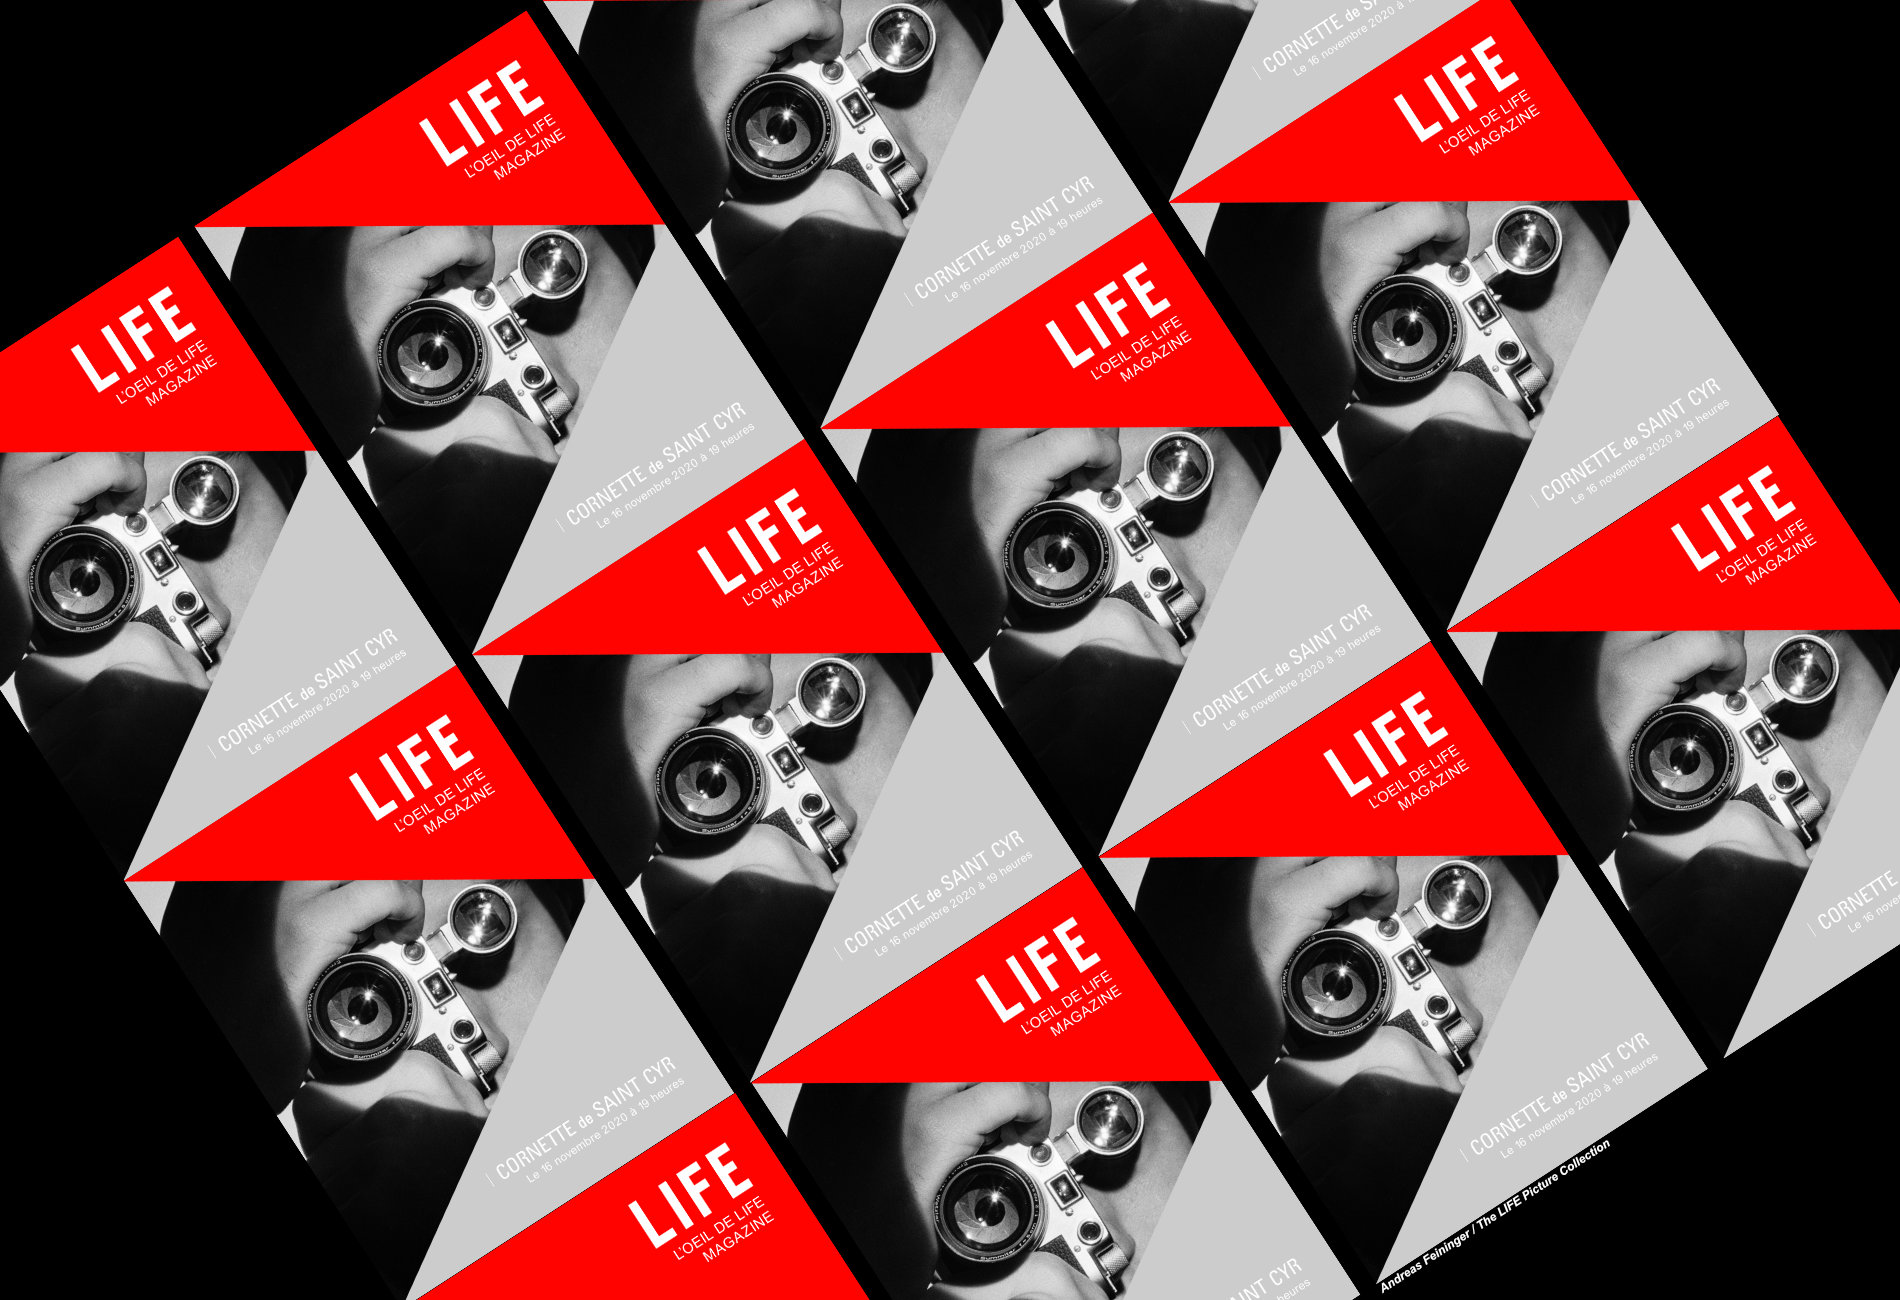 Bannière du magazine life répété sur un fond noir